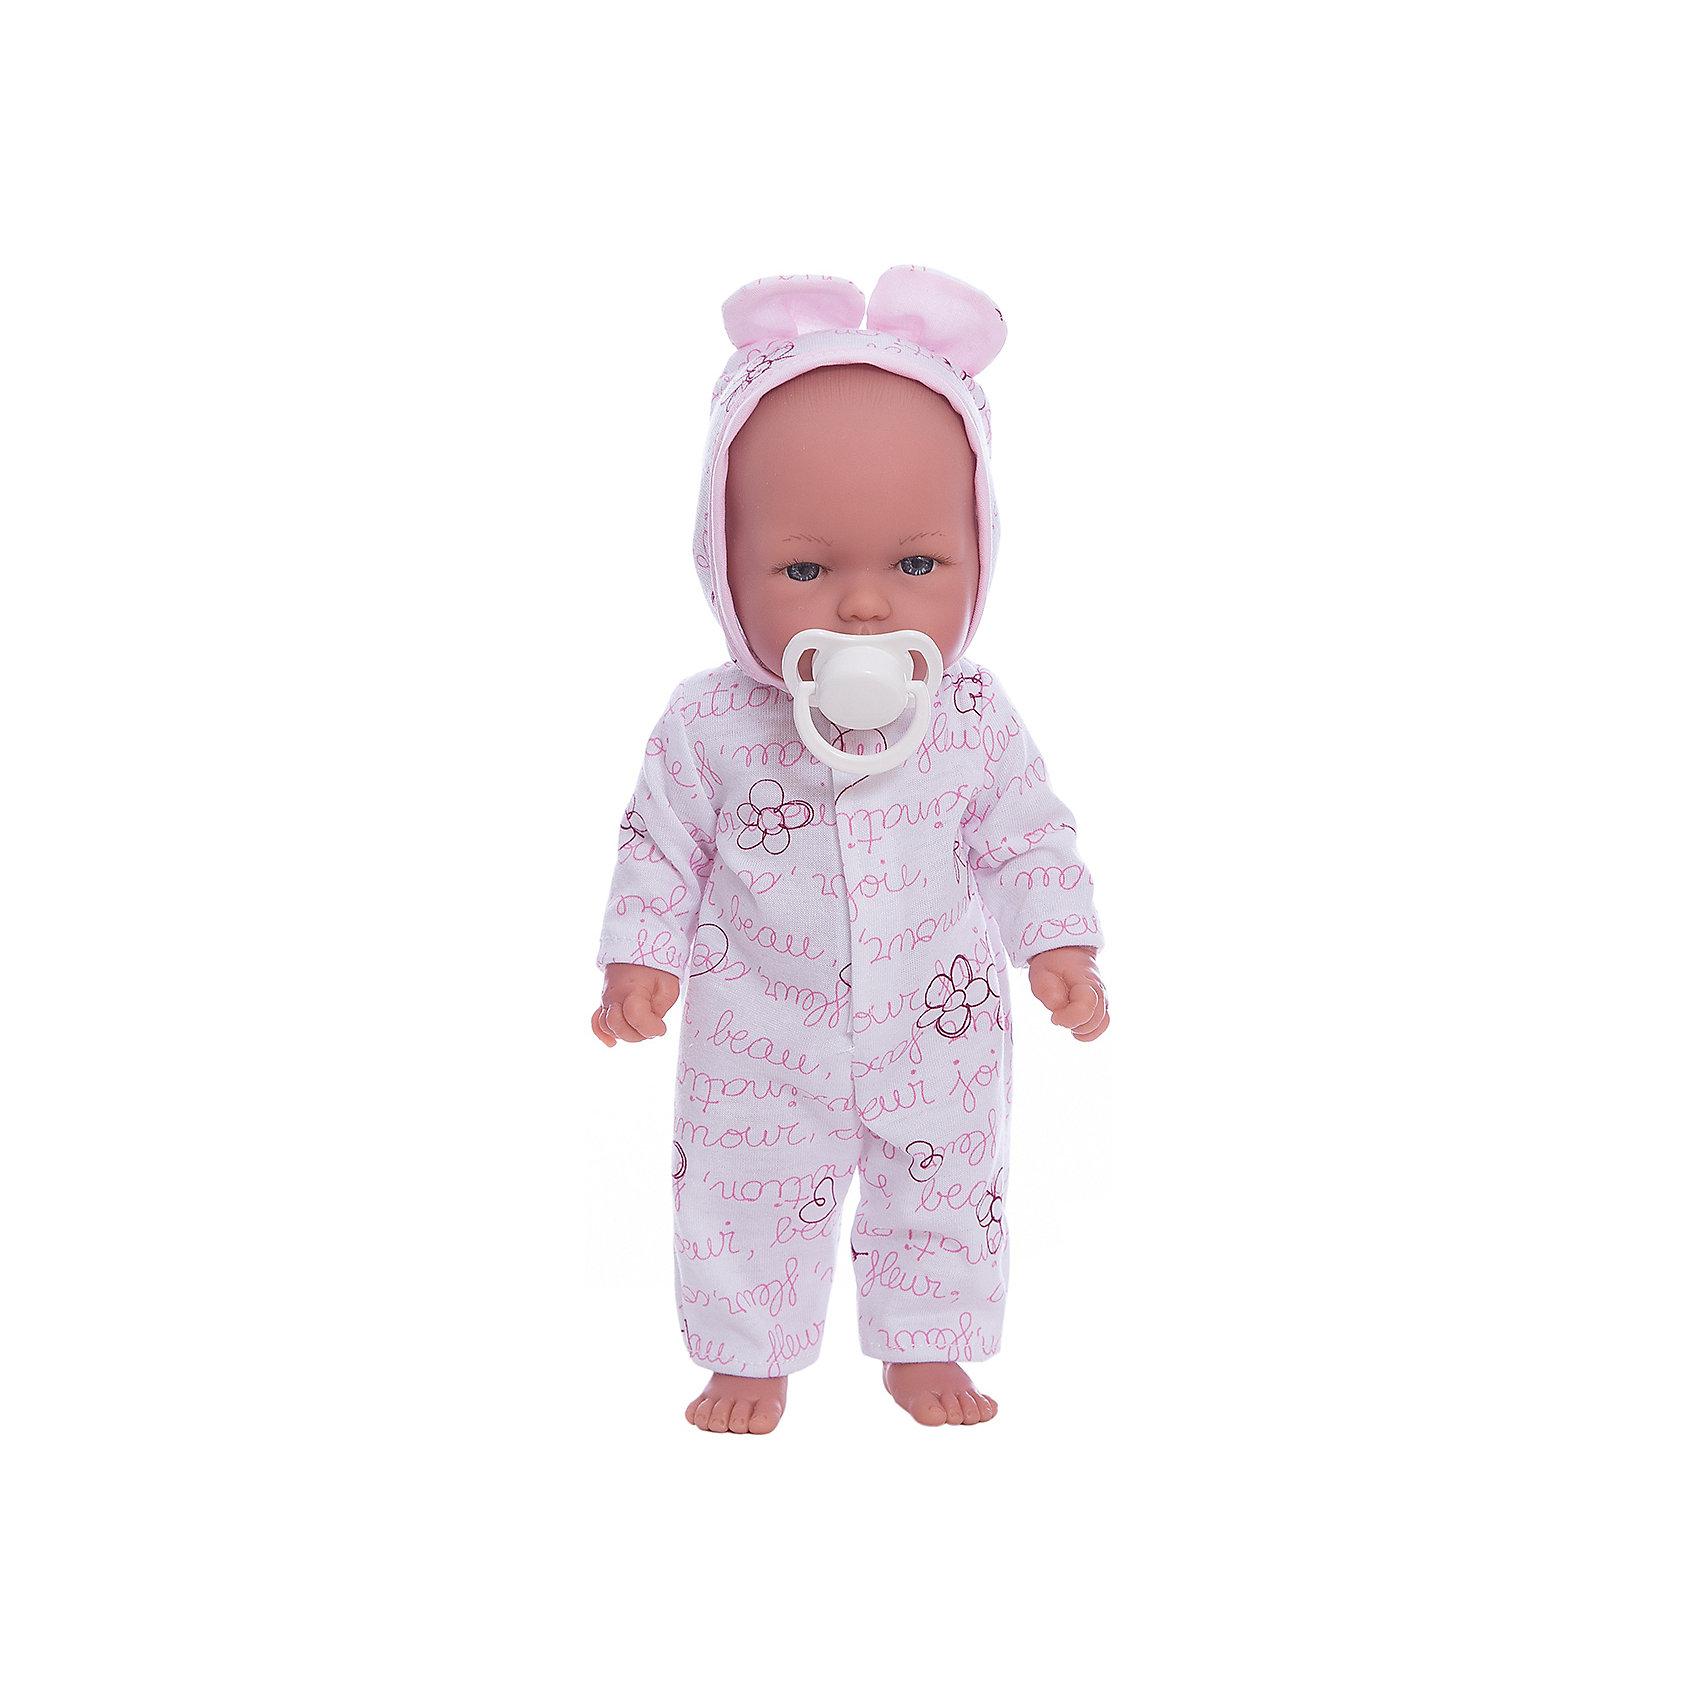 Кукла Оливия в пижамке, умеет стоять, серия soft touch, Vestida de AzulБренды кукол<br>Характеристики товара:<br><br>• возраст: от 3 лет;<br>• материал: винил, текстиль;<br>• в комплекте: кукла, пижама, соска;<br>• высота куклы: 30 см;<br>• размер упаковки: 34х14х8 см;<br>• вес упаковки: 460 гр.;<br>• страна производитель: Испания.<br><br>Кукла Оливия в пижамке Soft Touch Vestida de Azul — Маленький пупс большими глазками и пухлыми щечками. Оливия одета в пижамку с цветами и капюшоном. У куклы подвижные руки и ноги, она умеет самостоятельно стоять. Игра с куклой привьет девочке чувство ответственности, любви, заботы. <br><br>Куклу Оливию в пижамке Soft Touch Vestida de Azul можно приобрести в нашем интернет-магазине.<br><br>Ширина мм: 380<br>Глубина мм: 120<br>Высота мм: 240<br>Вес г: 650<br>Возраст от месяцев: 36<br>Возраст до месяцев: 2147483647<br>Пол: Женский<br>Возраст: Детский<br>SKU: 6844342